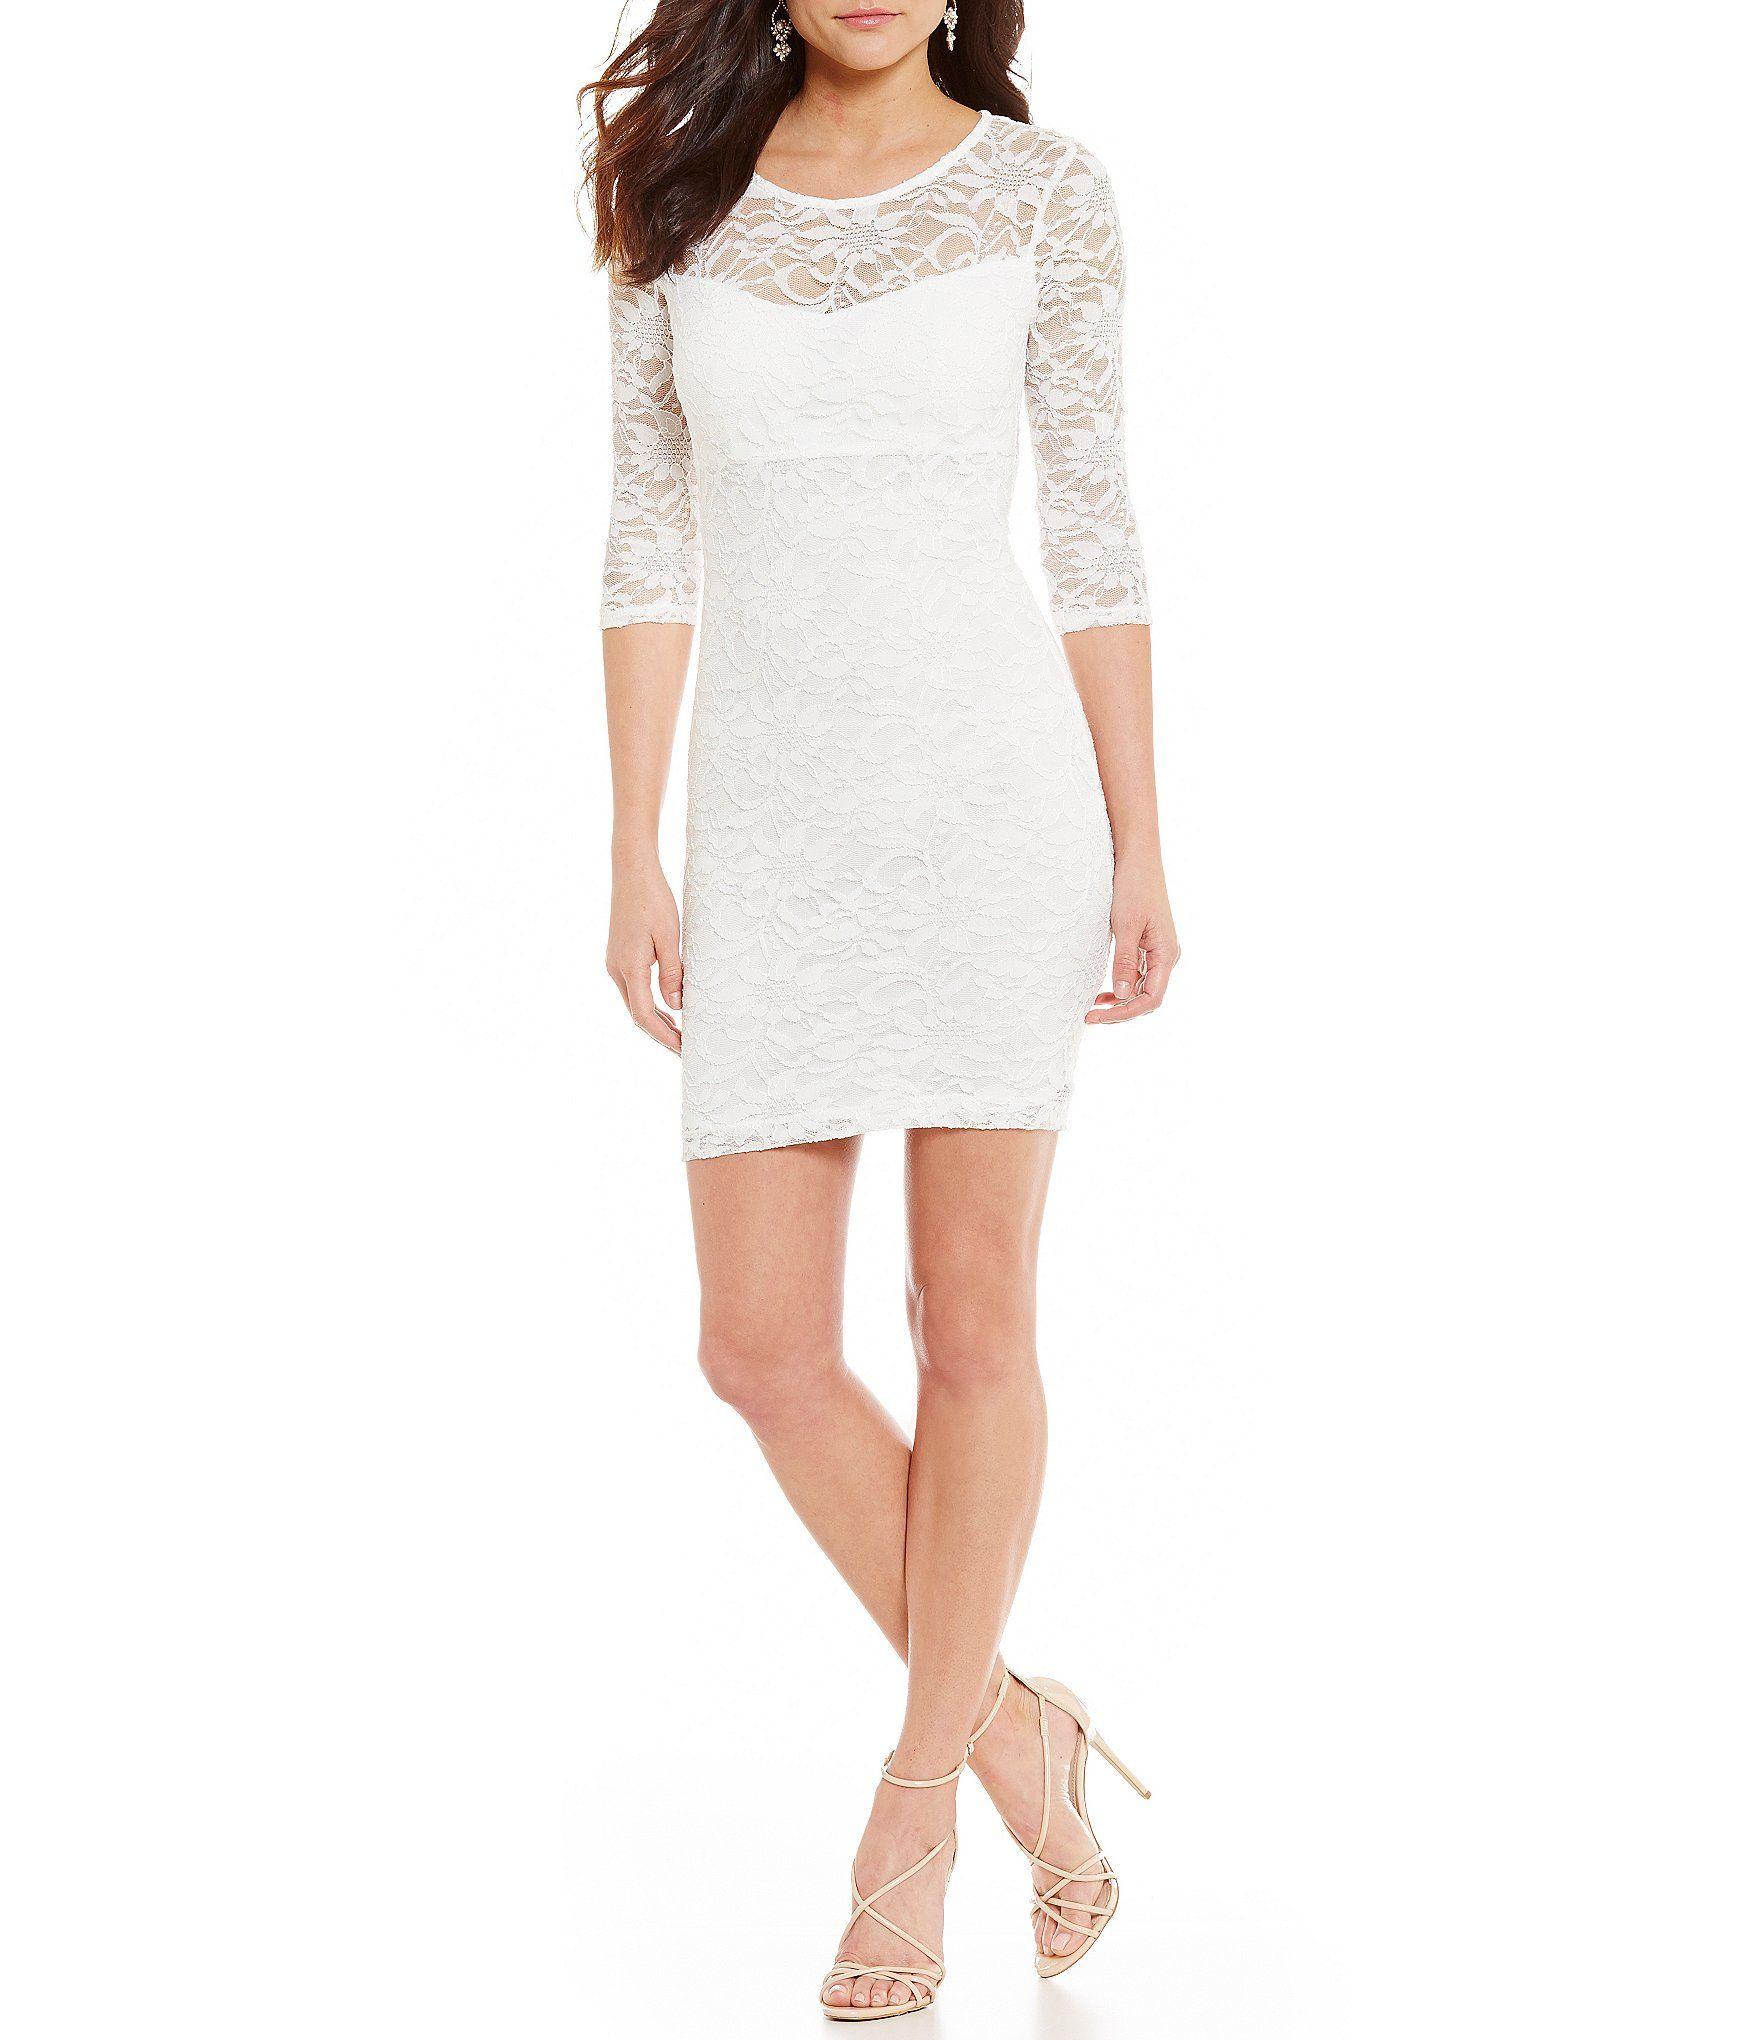 Wedding dresses dillards  B Darlin Lace Scalloped OpenBack IllusionYoke Sheath Dress